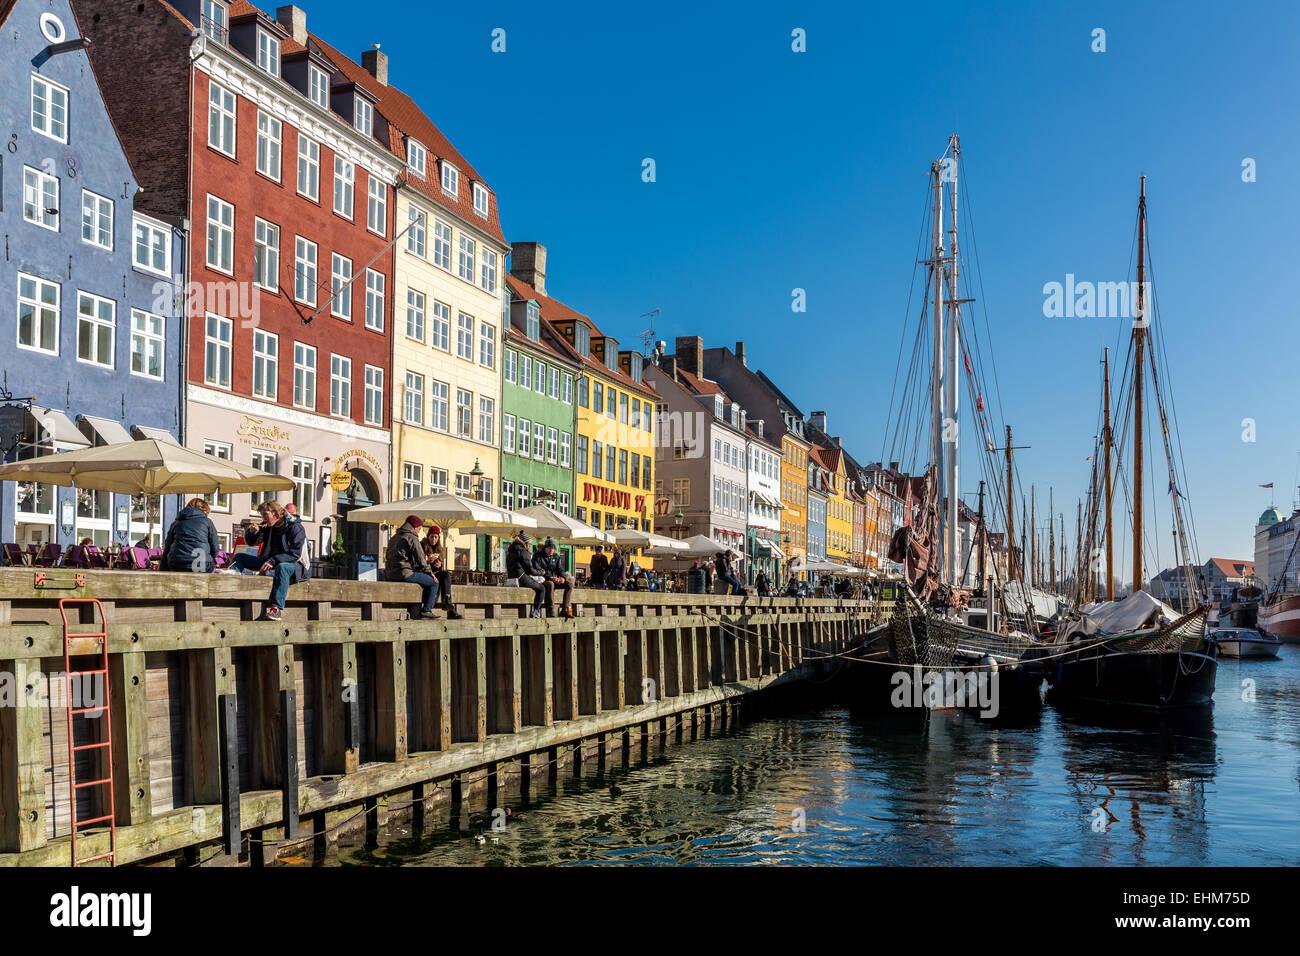 Canal de Nyhavn, Nyhavn, Copenhague, Dinamarca Imagen De Stock